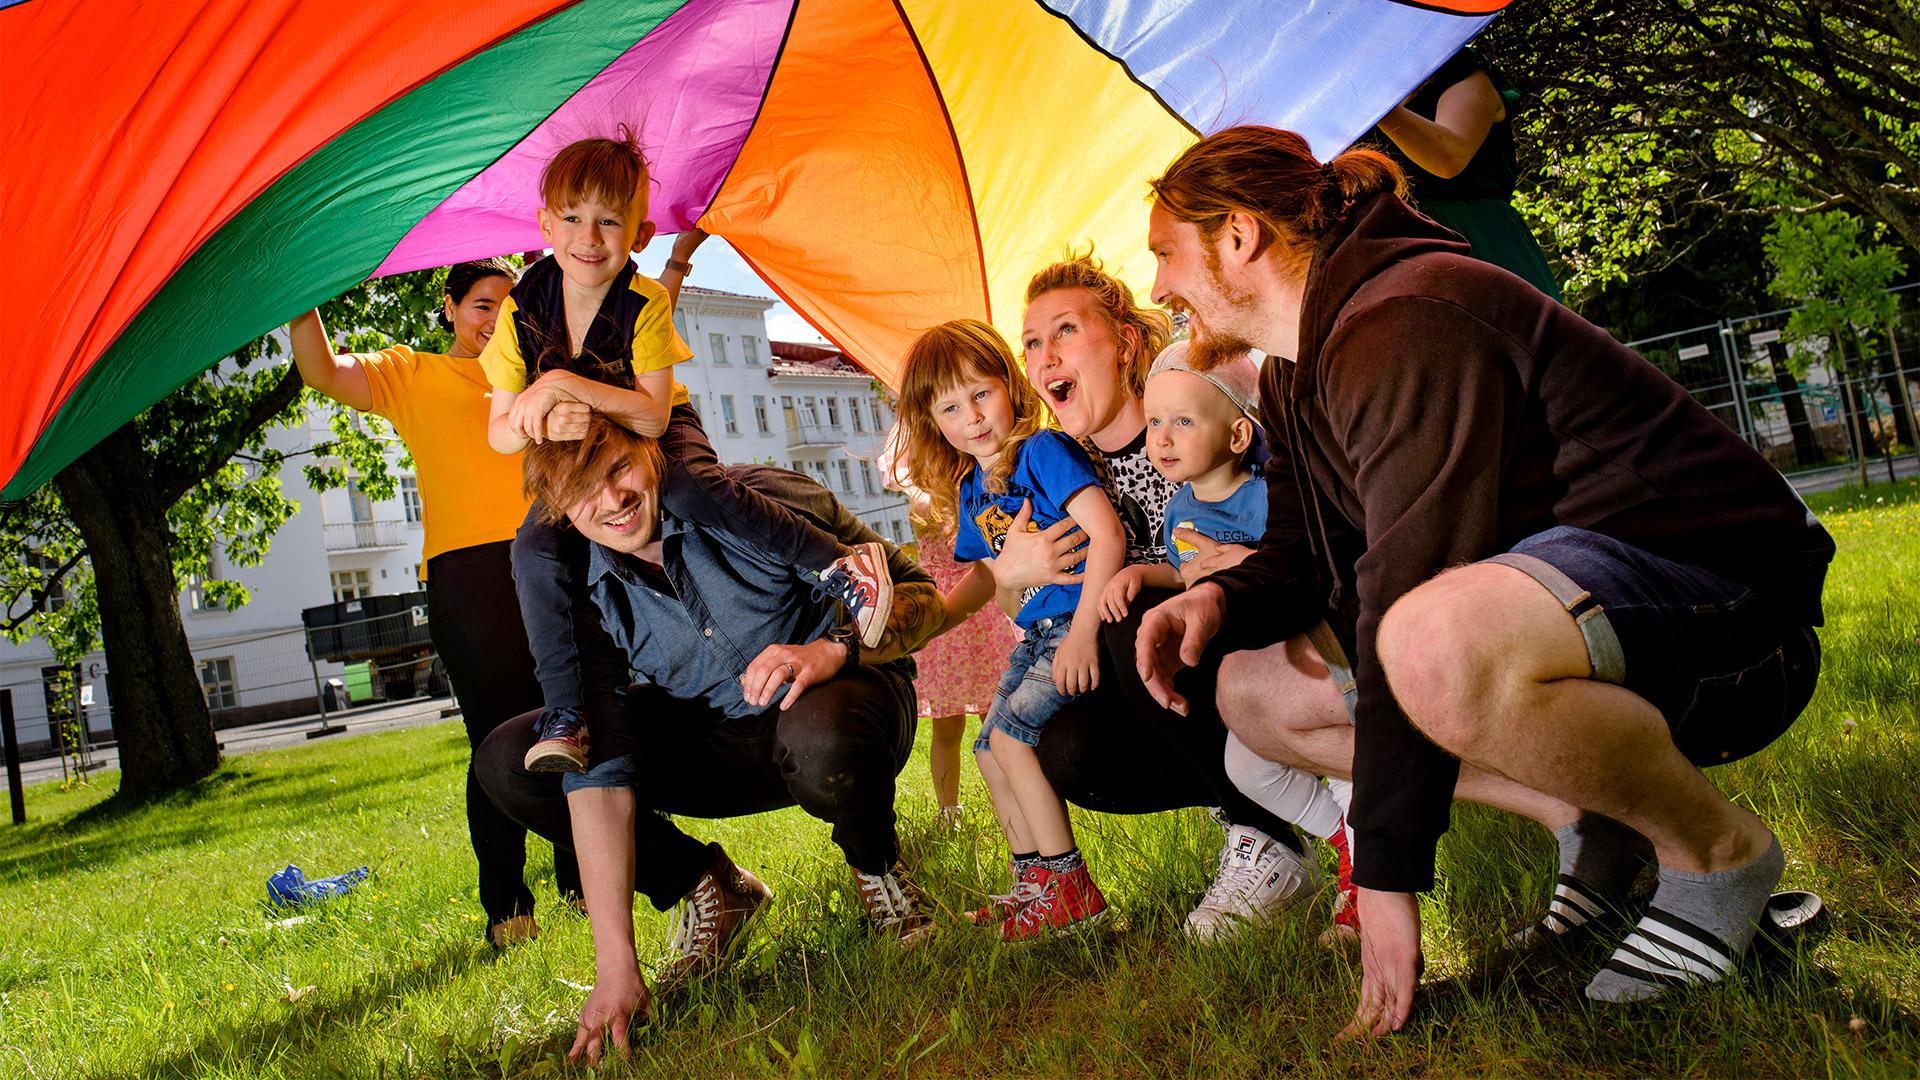 Nauravia lapsia, äitejä ja isiä kyykistelee nurmikolla sateenkaaren väreissä olevan leikkivarjon alla.